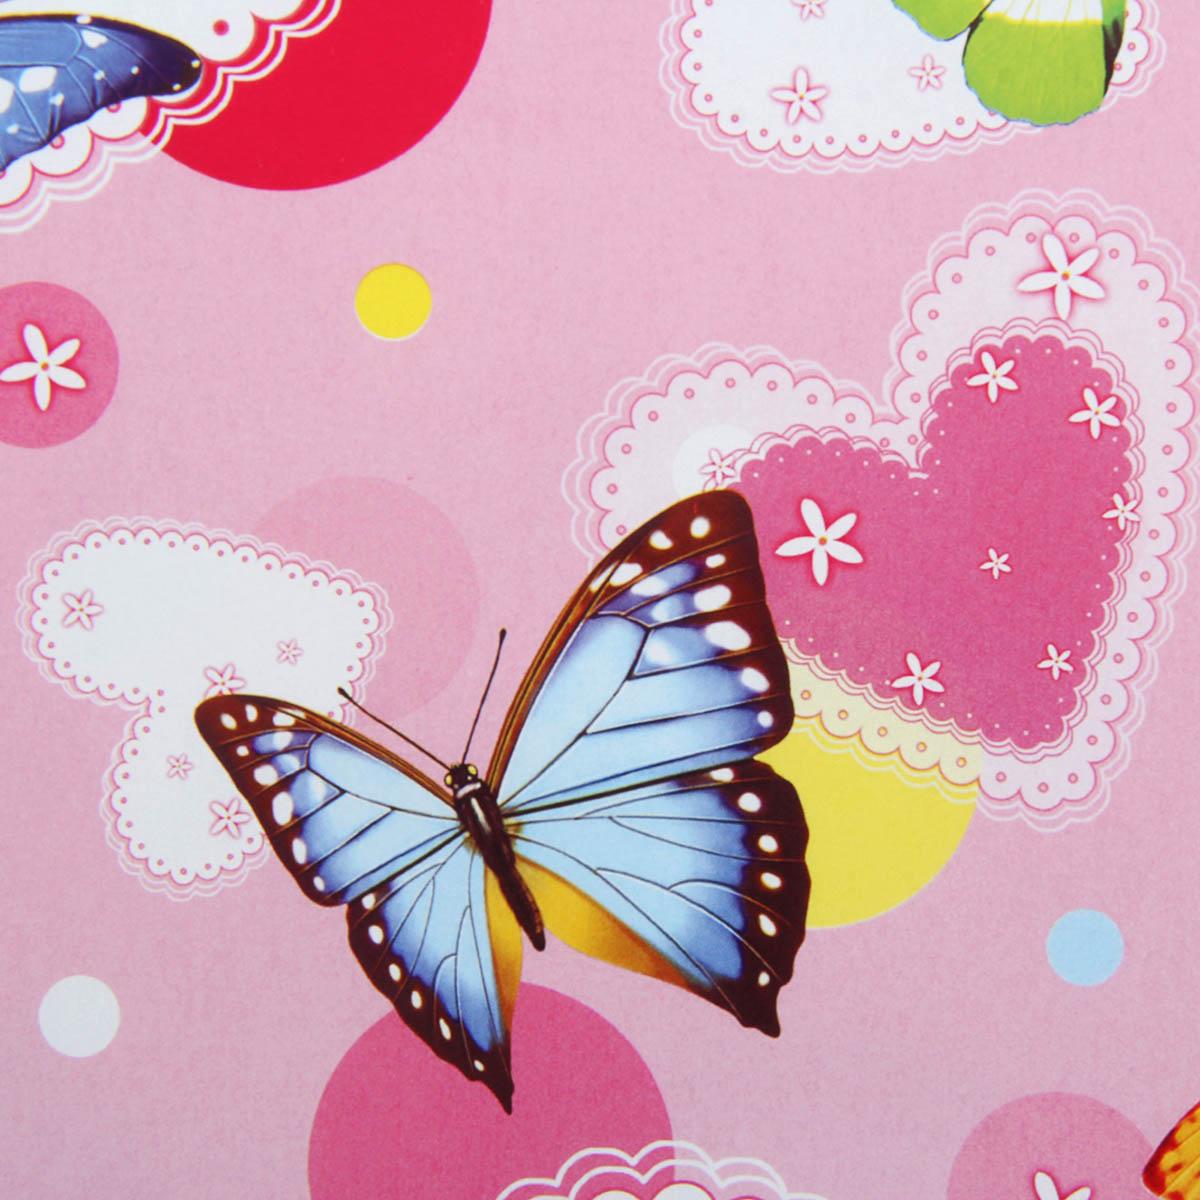 Бумага упаковочная Летящие бабочки, 52 х 76 см. 852394852394Какой бы замечательный подарок вы ни подобрали для близкого человека, не стоит забывать, что и его праздничное оформление — ответственный этап. Первое впечатление очень важно, а неопрятный вид может полностью его испортить.Упаковочная бумага «Букет» — прекрасный образец достойного оформления, который радует глаз своей красотой, а кошелёк — ценой. Рекомендуем приобрести этот товар оптом на нашем сайте, ведь впереди ещё много праздников!